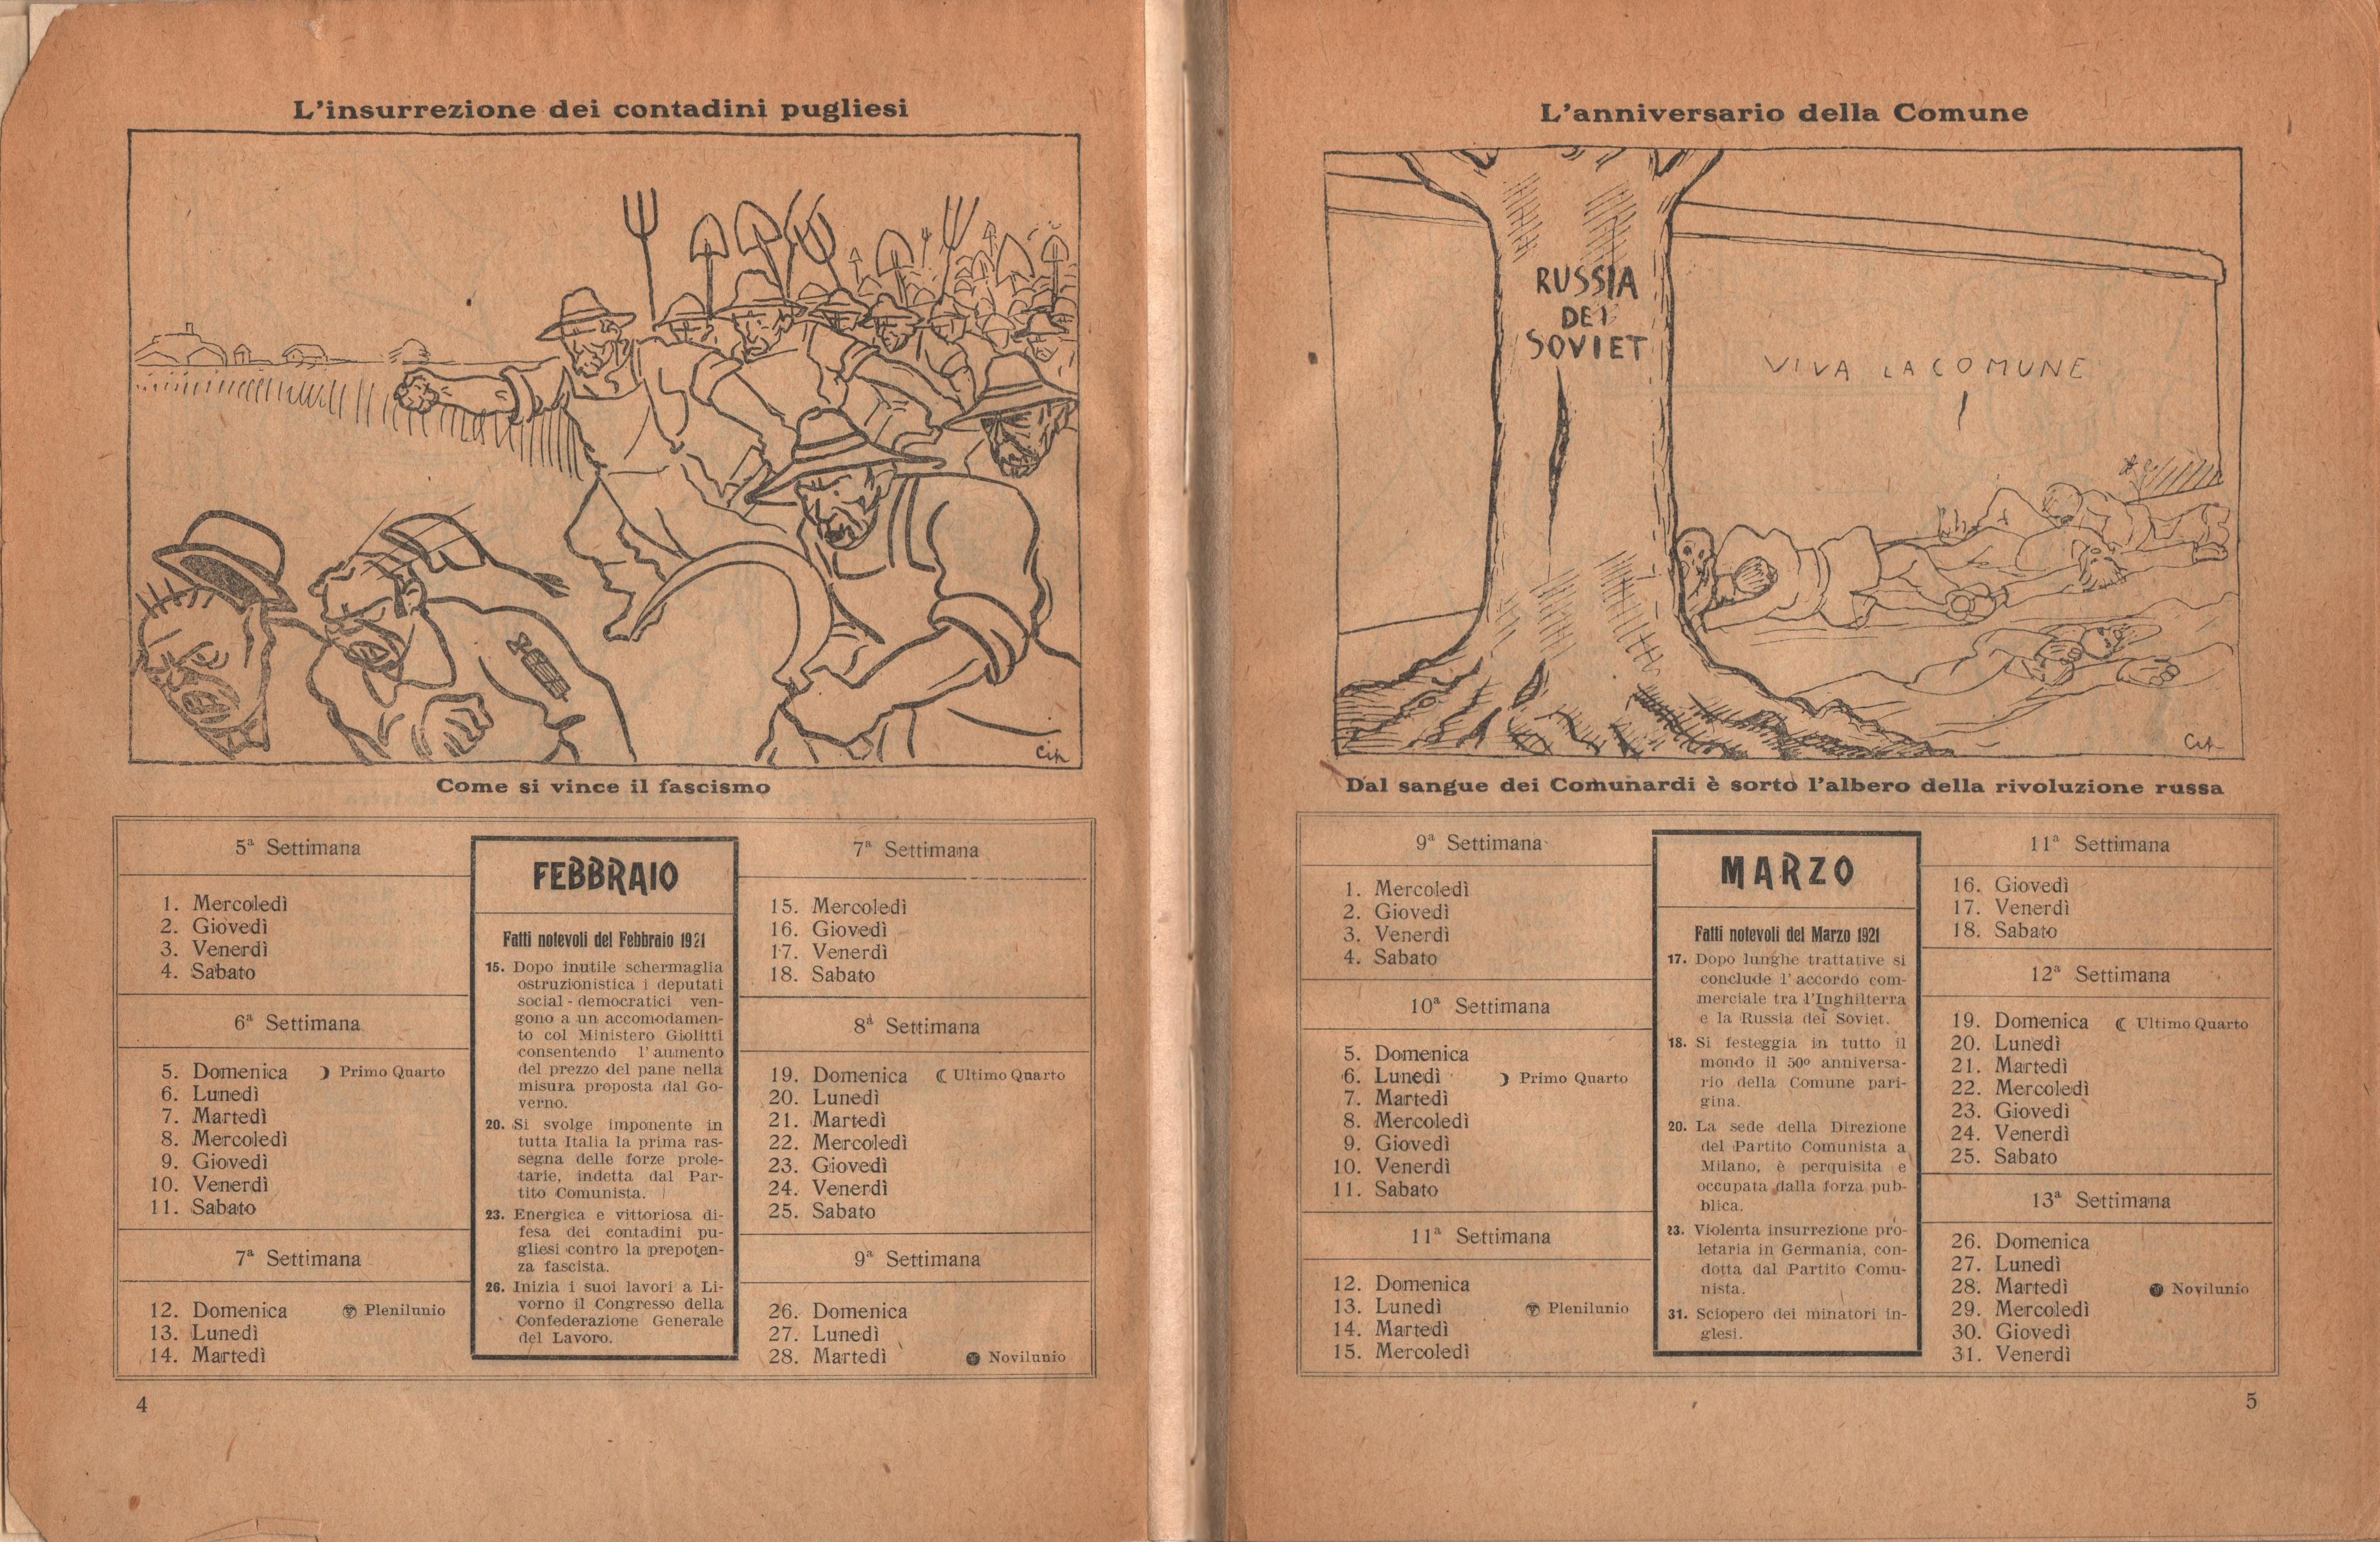 Almanacco comunista 1922 - pag. 4